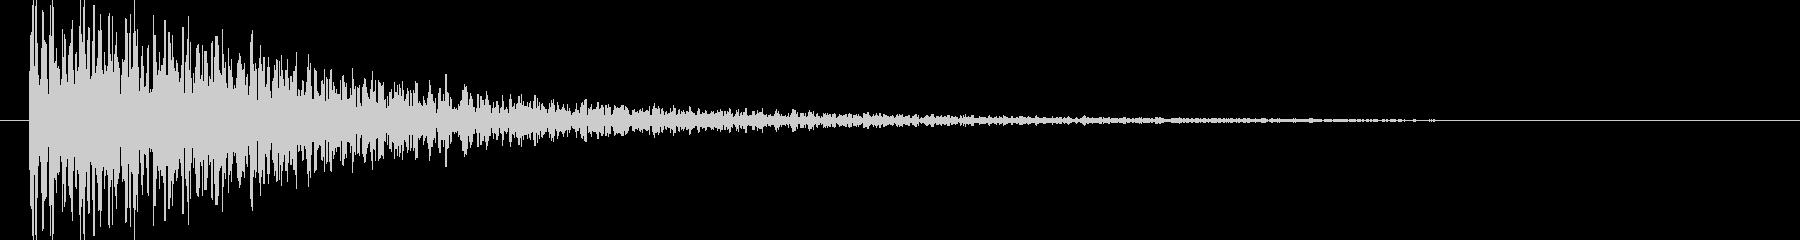 映画告知音119 ドーンの未再生の波形